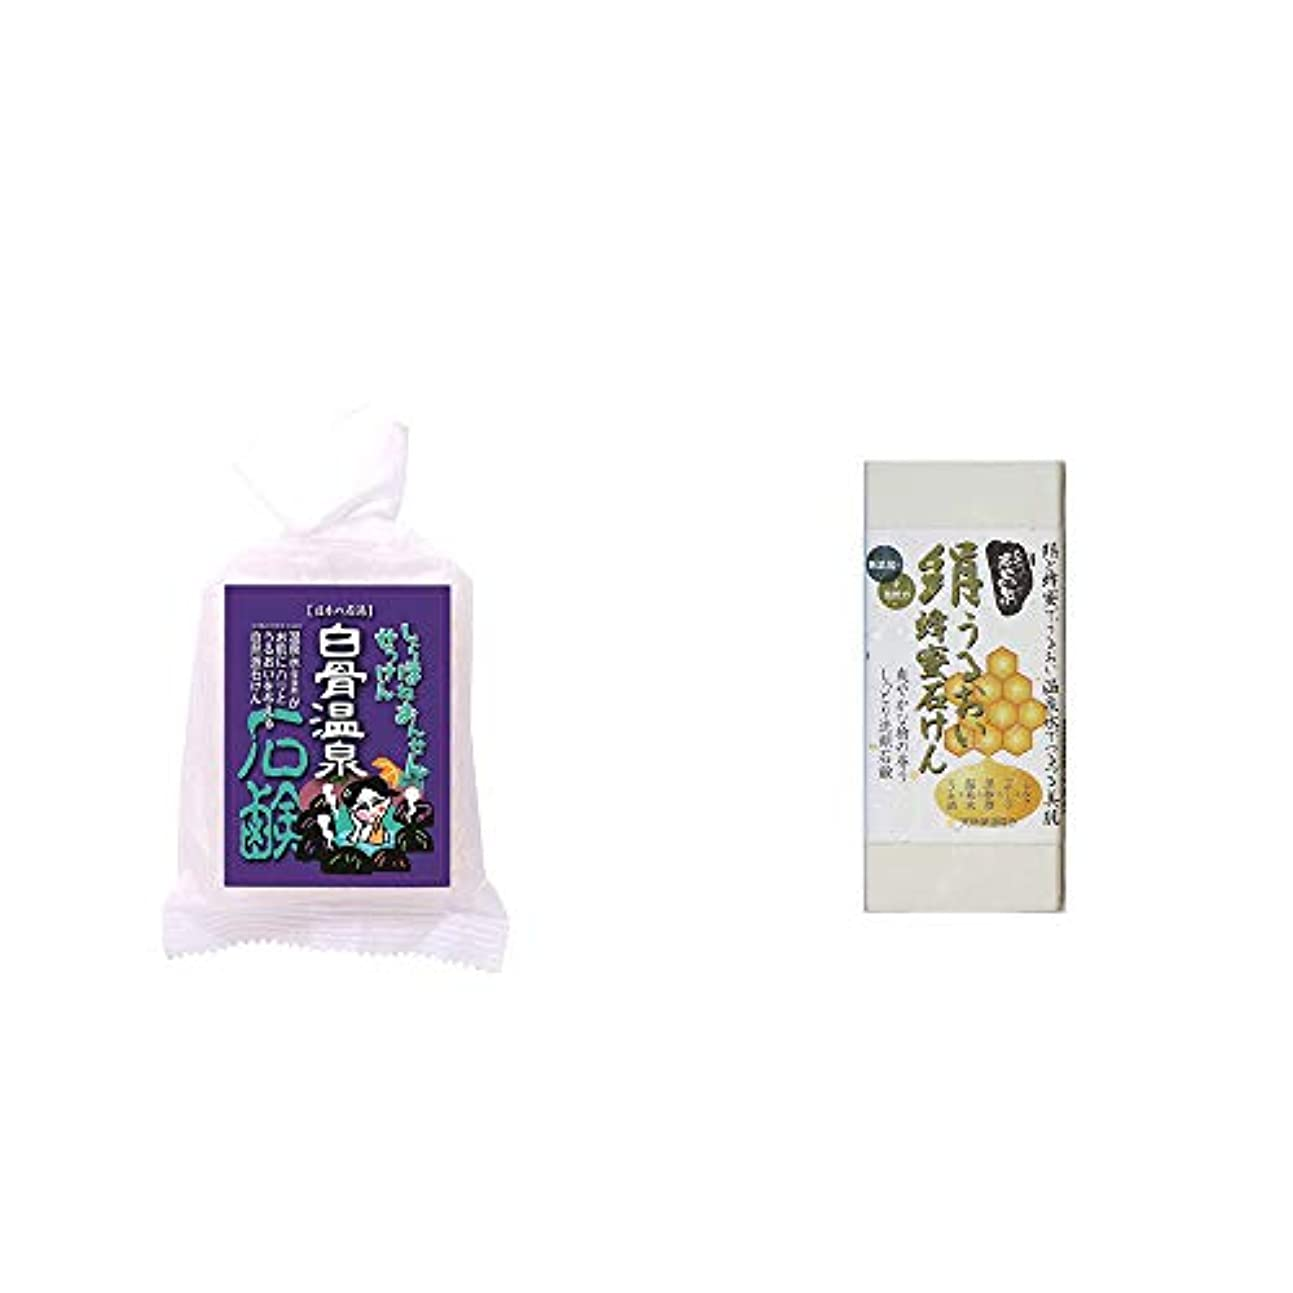 アンカー解決するマート[2点セット] 信州 白骨温泉石鹸(80g)?ひのき炭黒泉 絹うるおい蜂蜜石けん(75g×2)